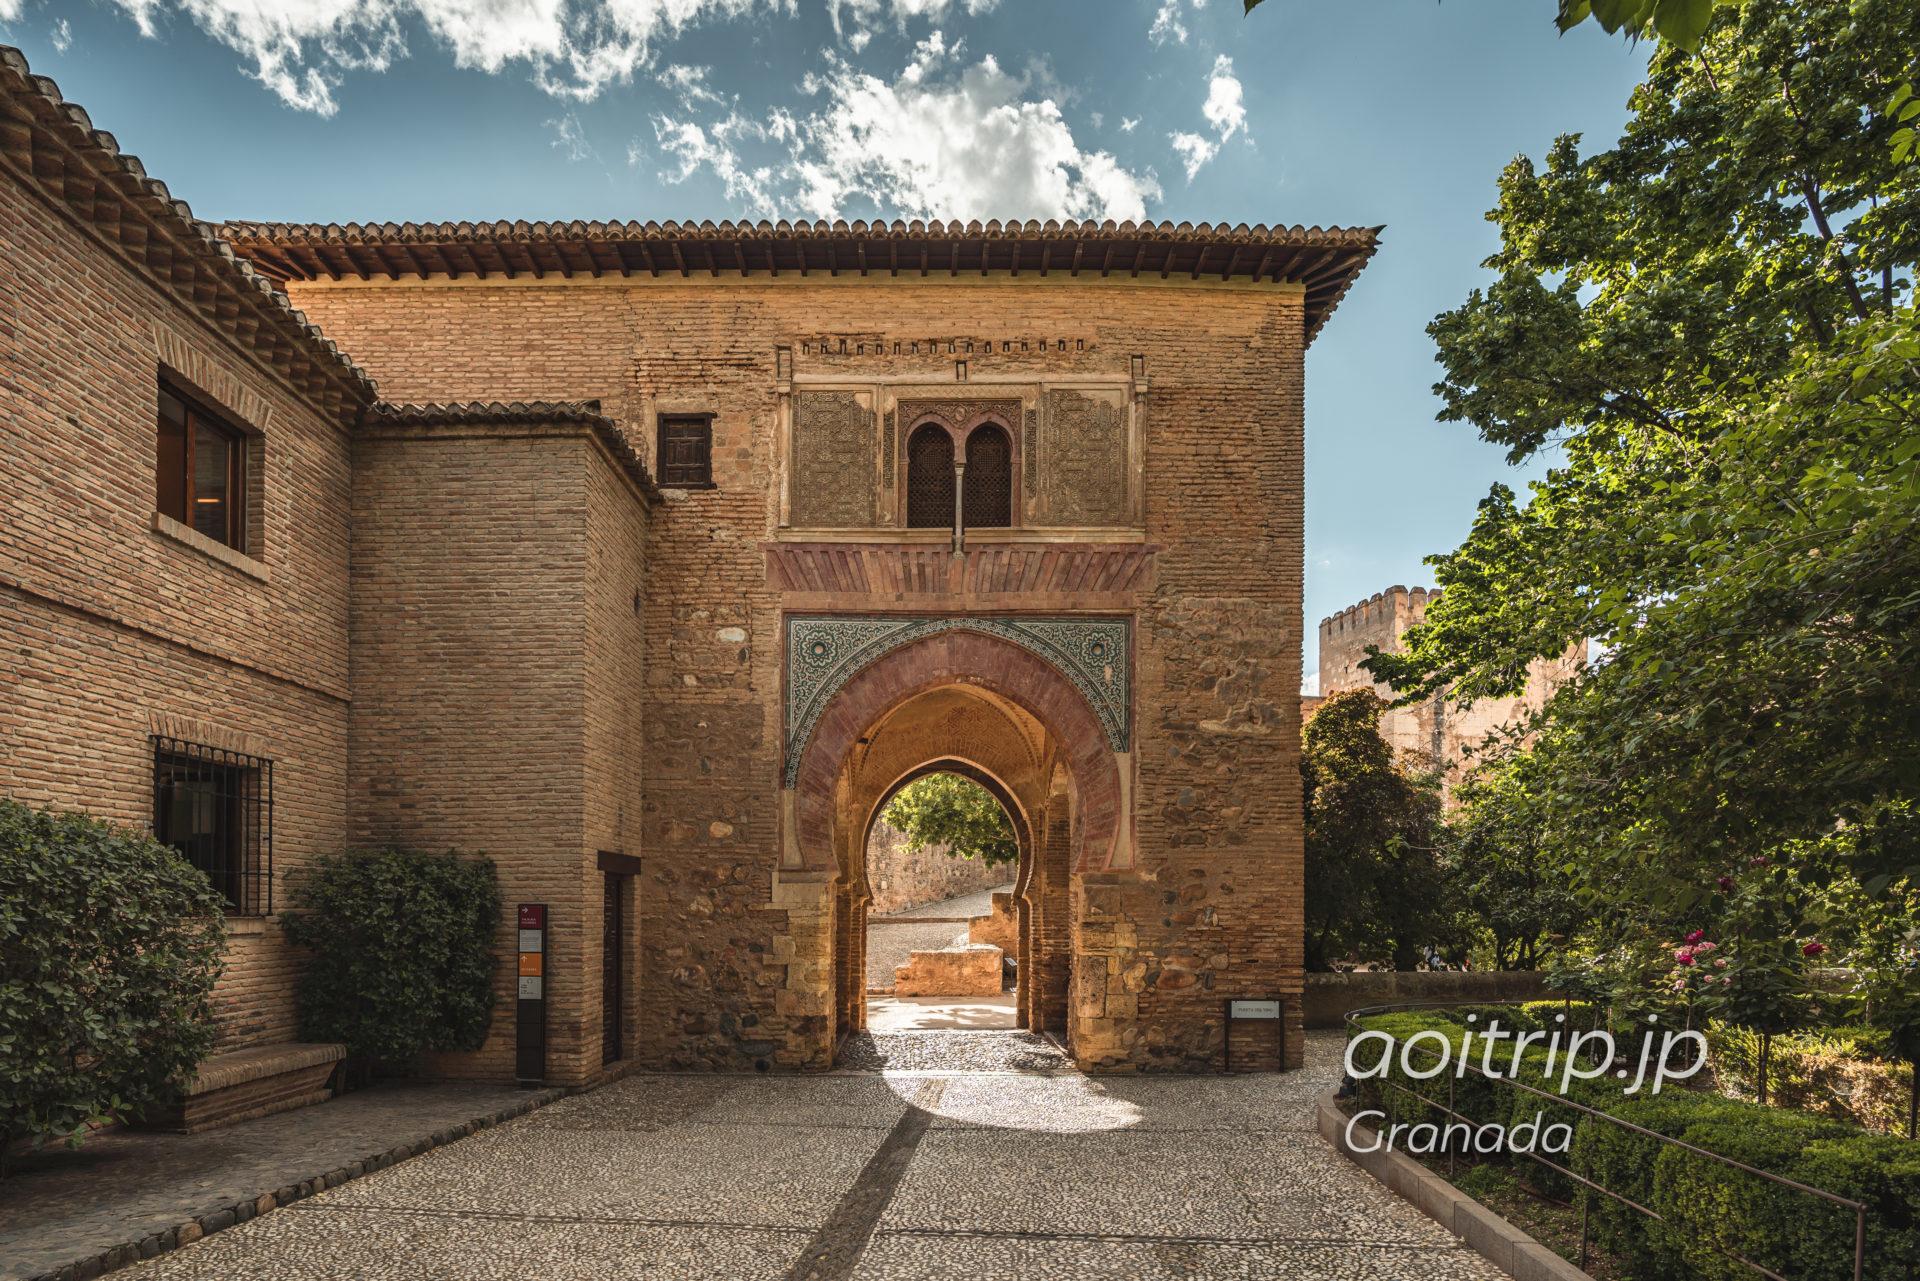 ぶどう酒の門 Puerta del Vino